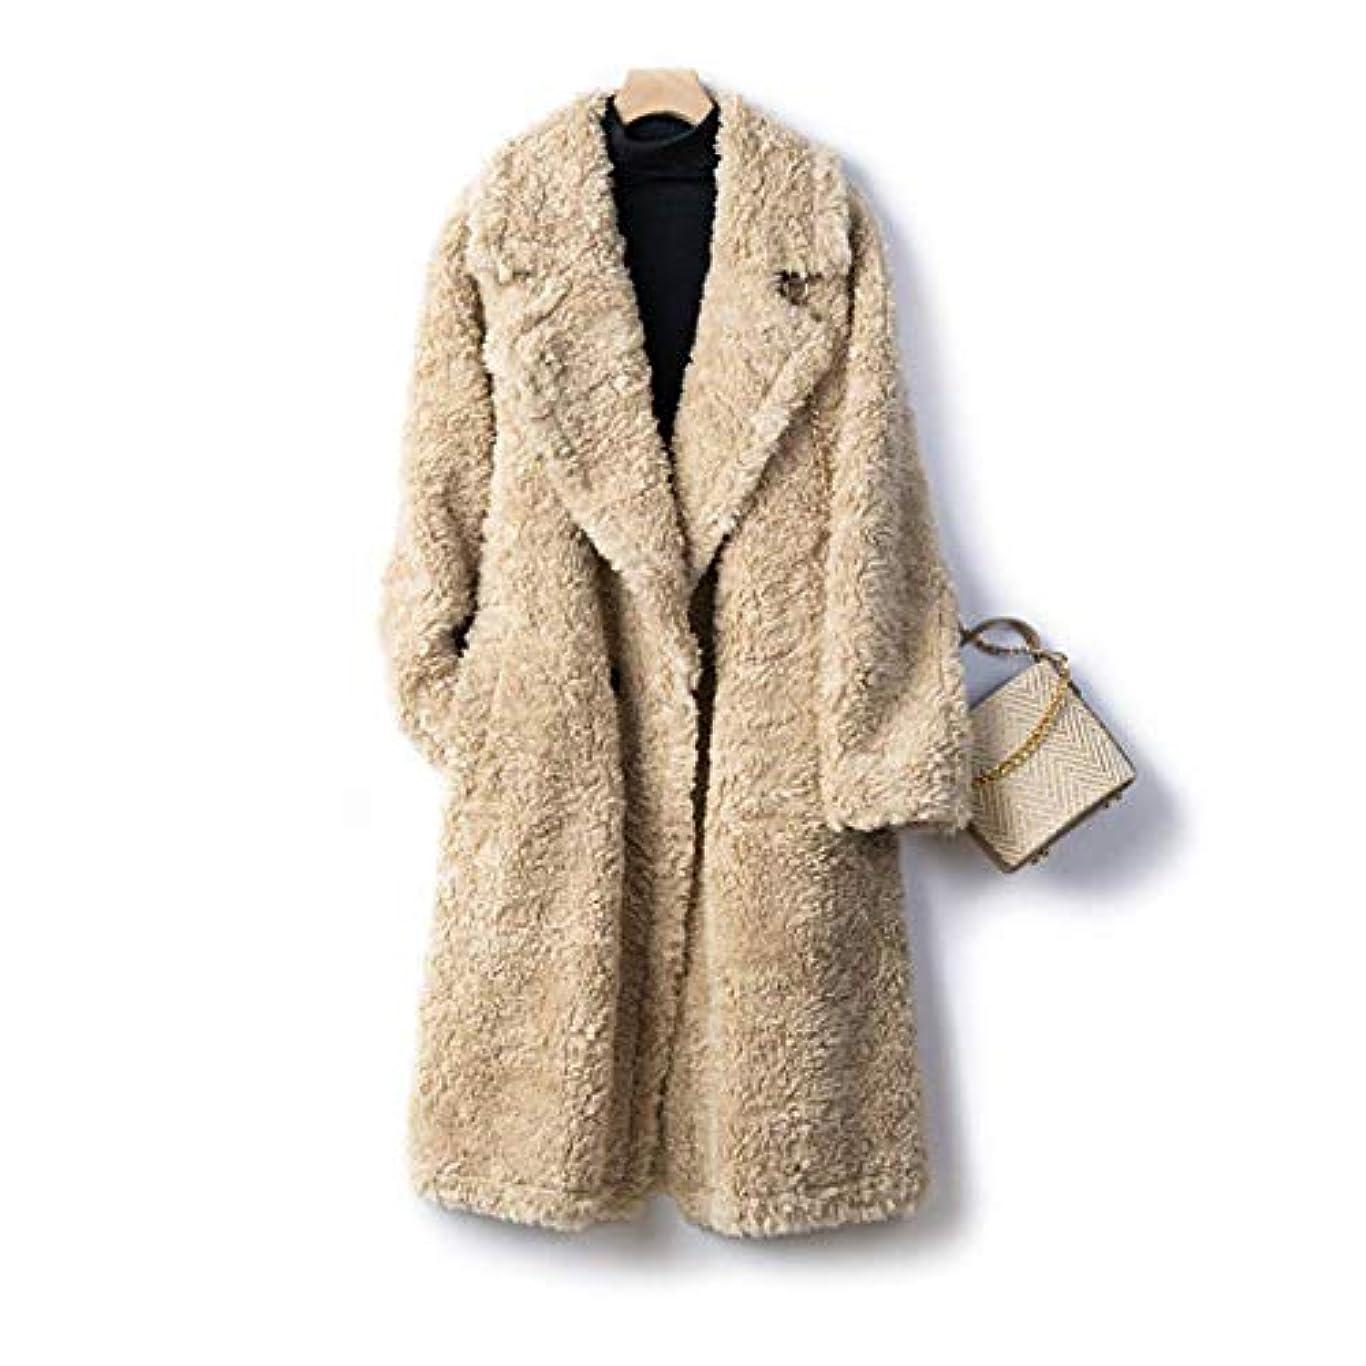 鉄リボンエゴマニア厚いウールのコート、女性のコートレディースウインドブレーカージャケット厚い羊のせん断顆粒ロングコートの女性のウールコート19秋と冬の婦人服,A,M